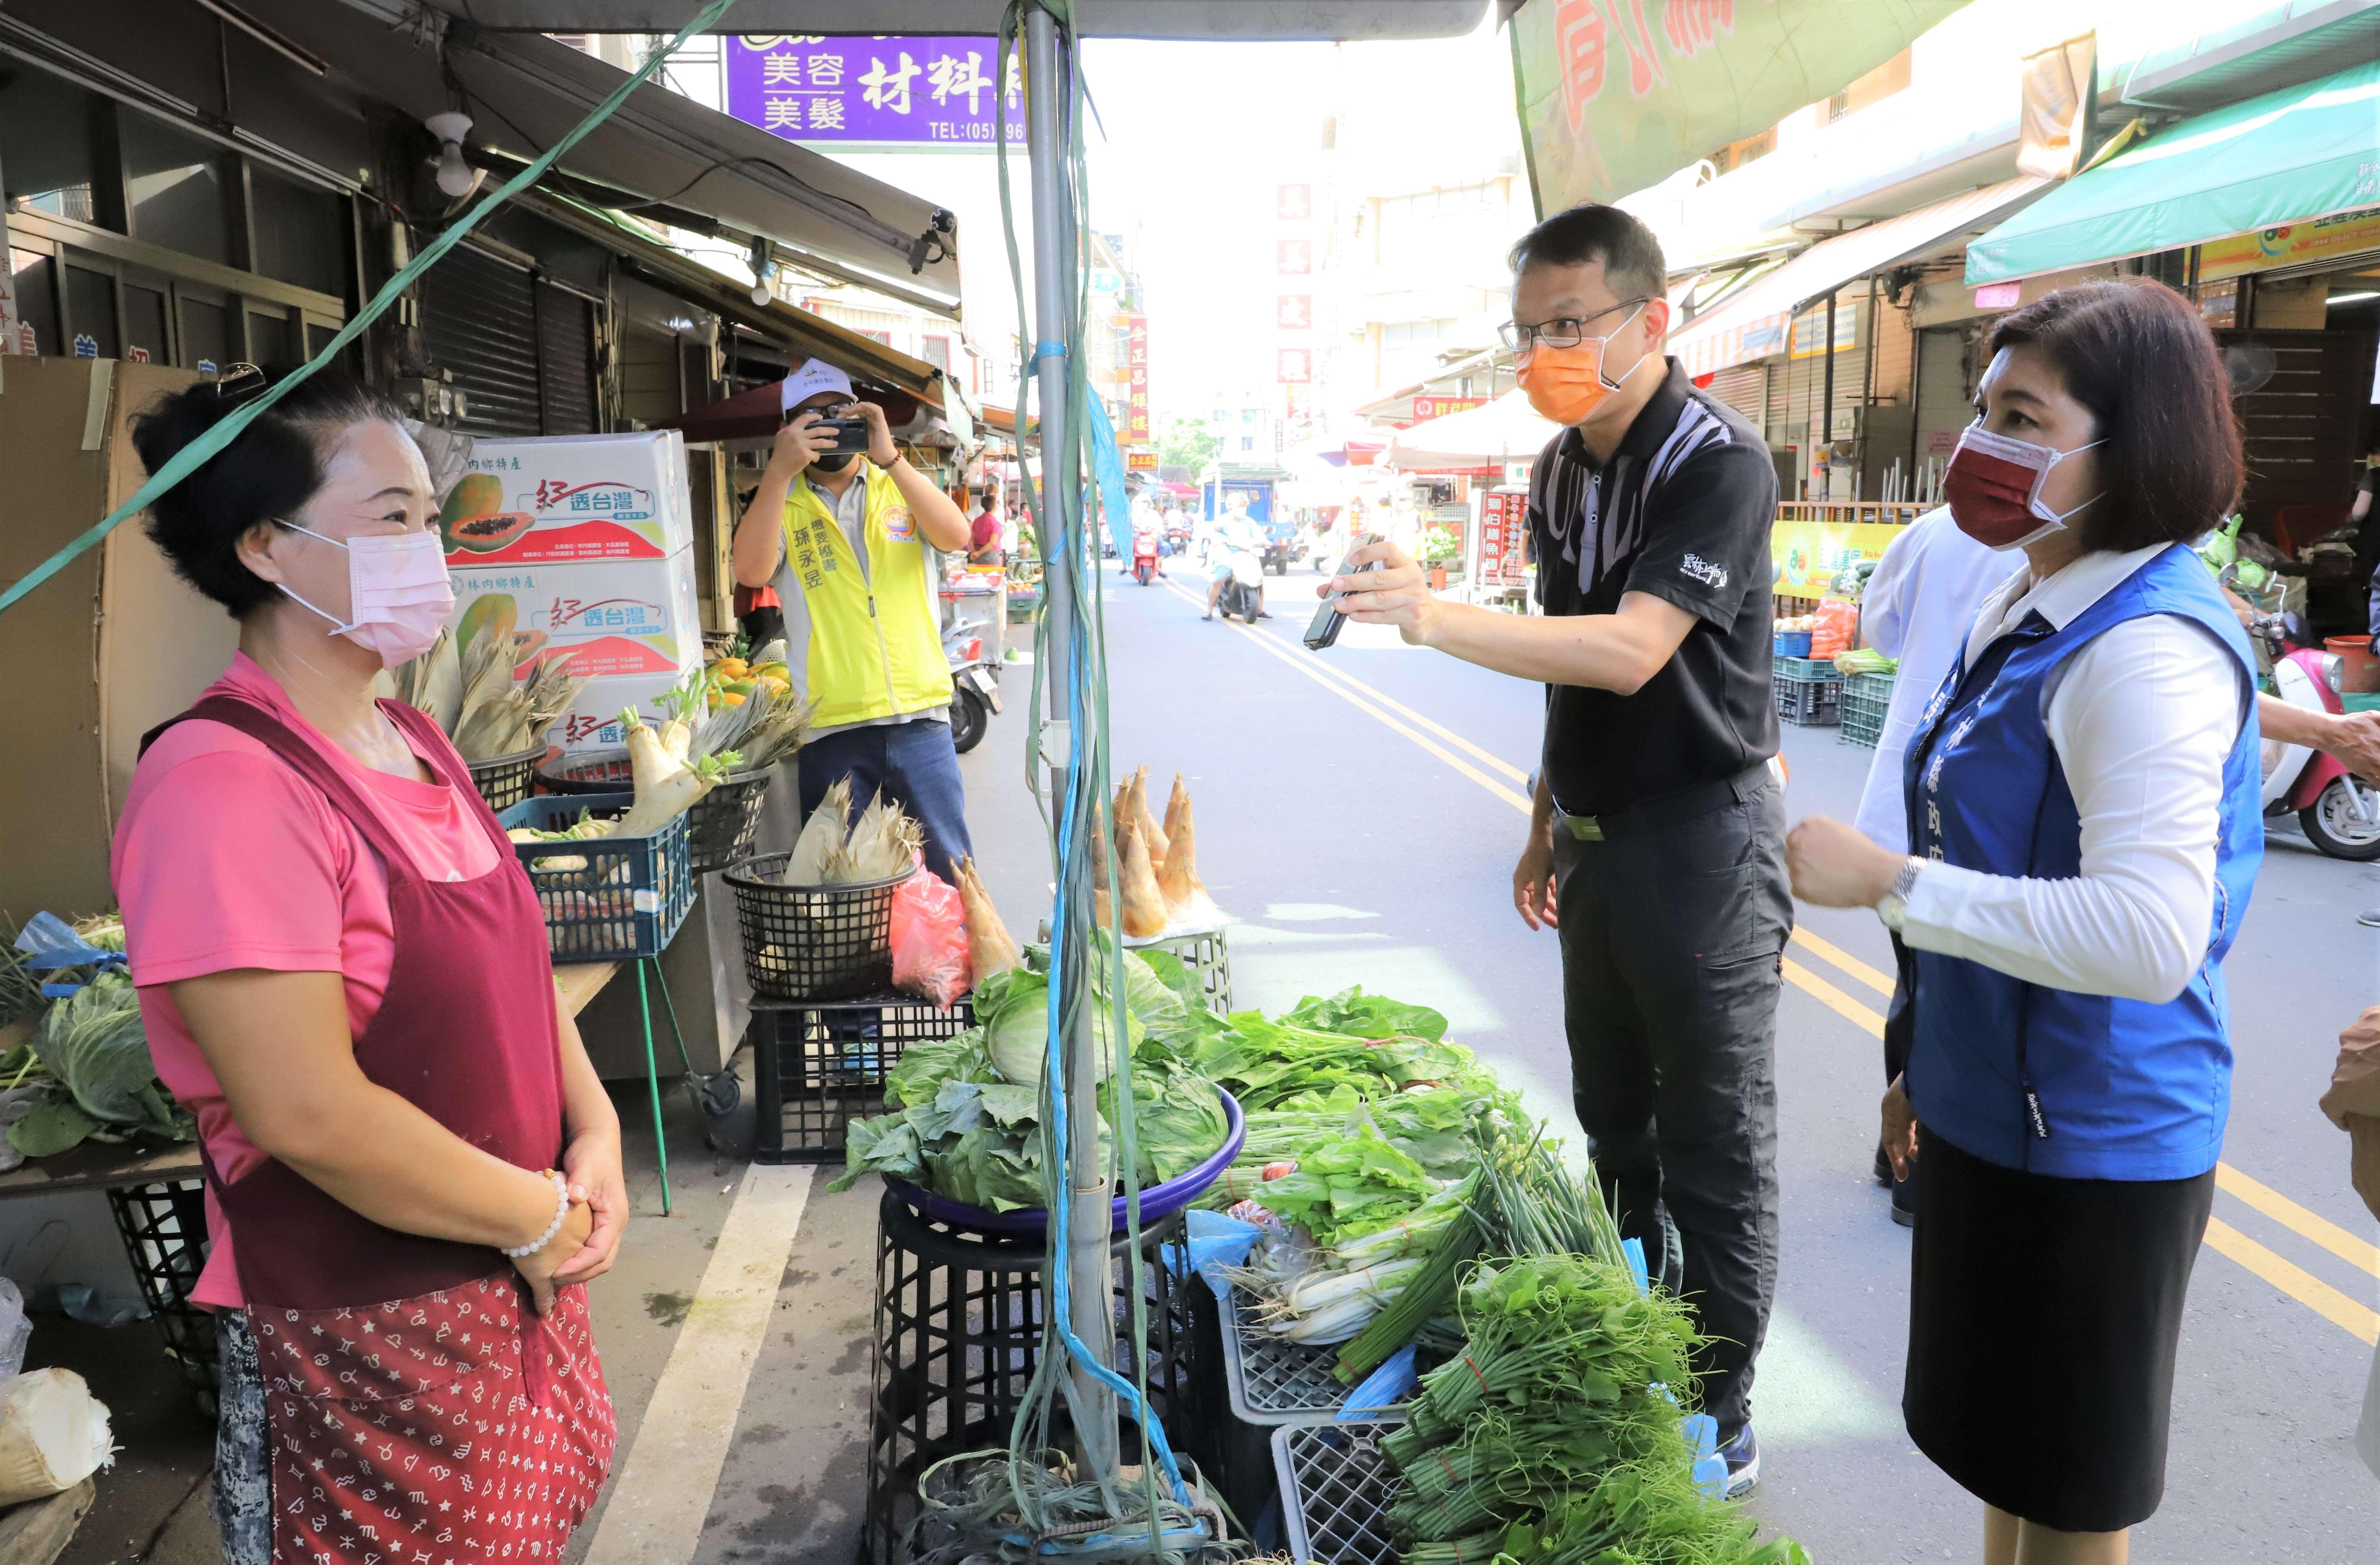 張縣長至斗南市場視察人流偵測裝置,並向鄉親宣導可多家利用。